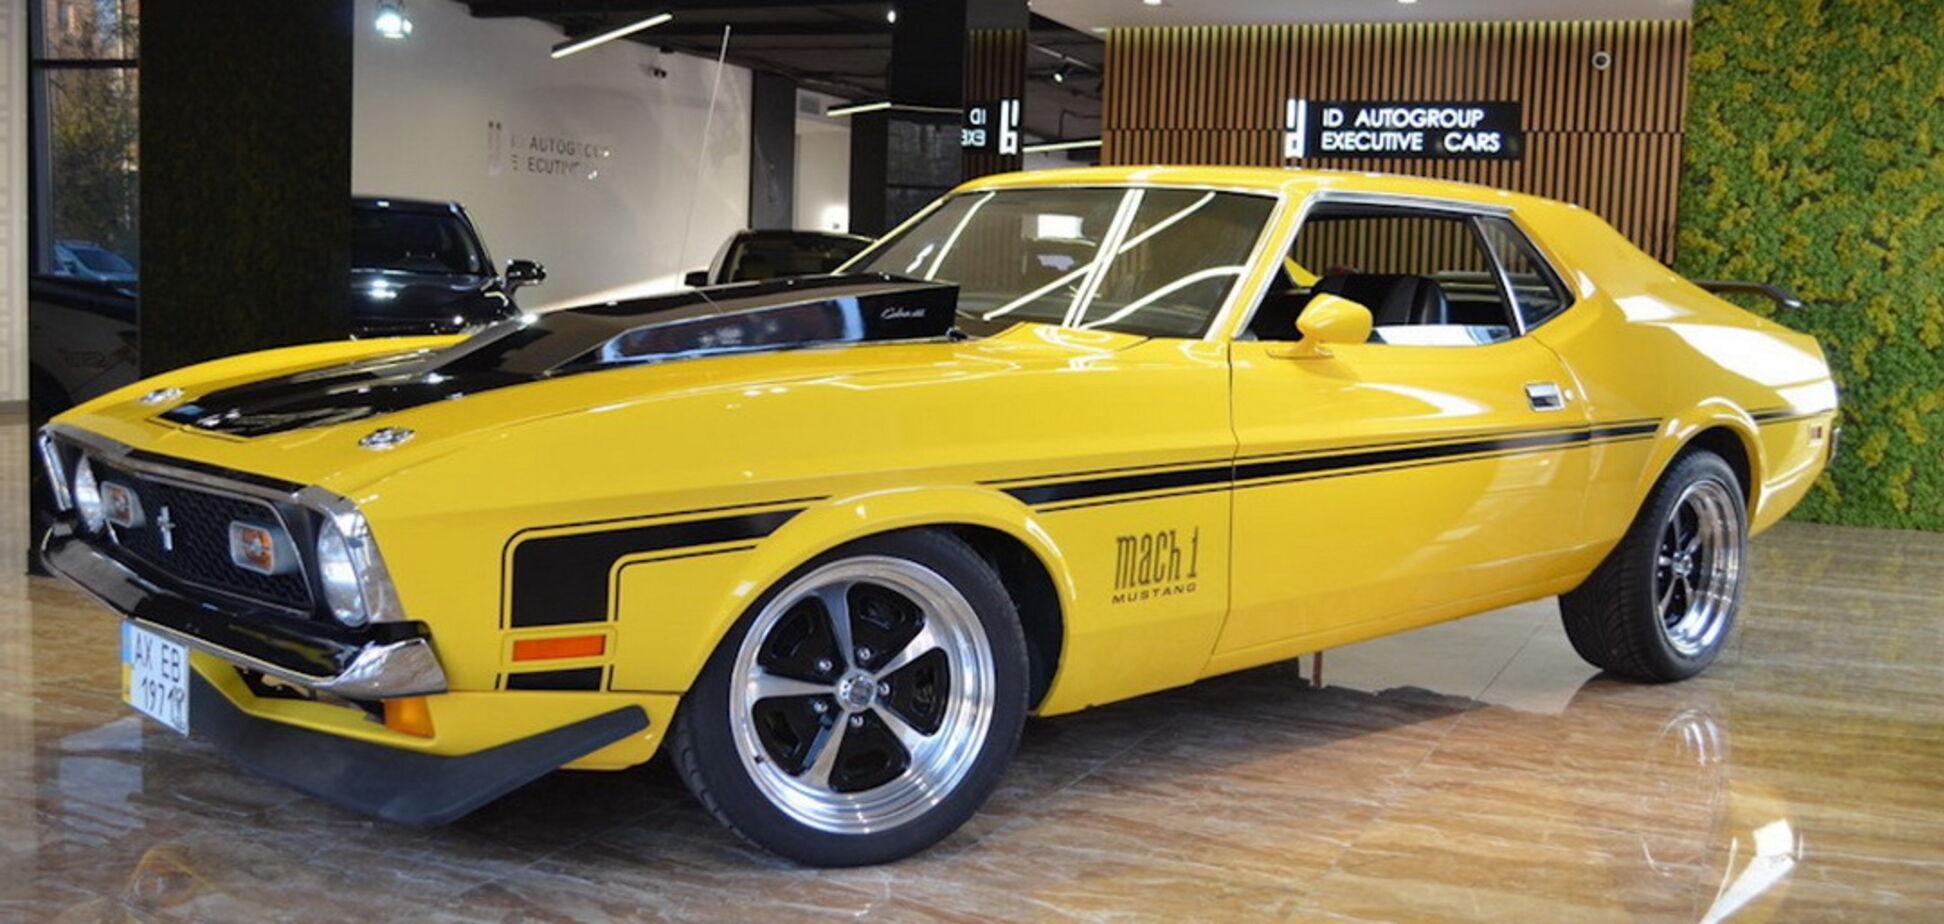 У Києві помітили рідкісний суперкар із 70-х. Відео